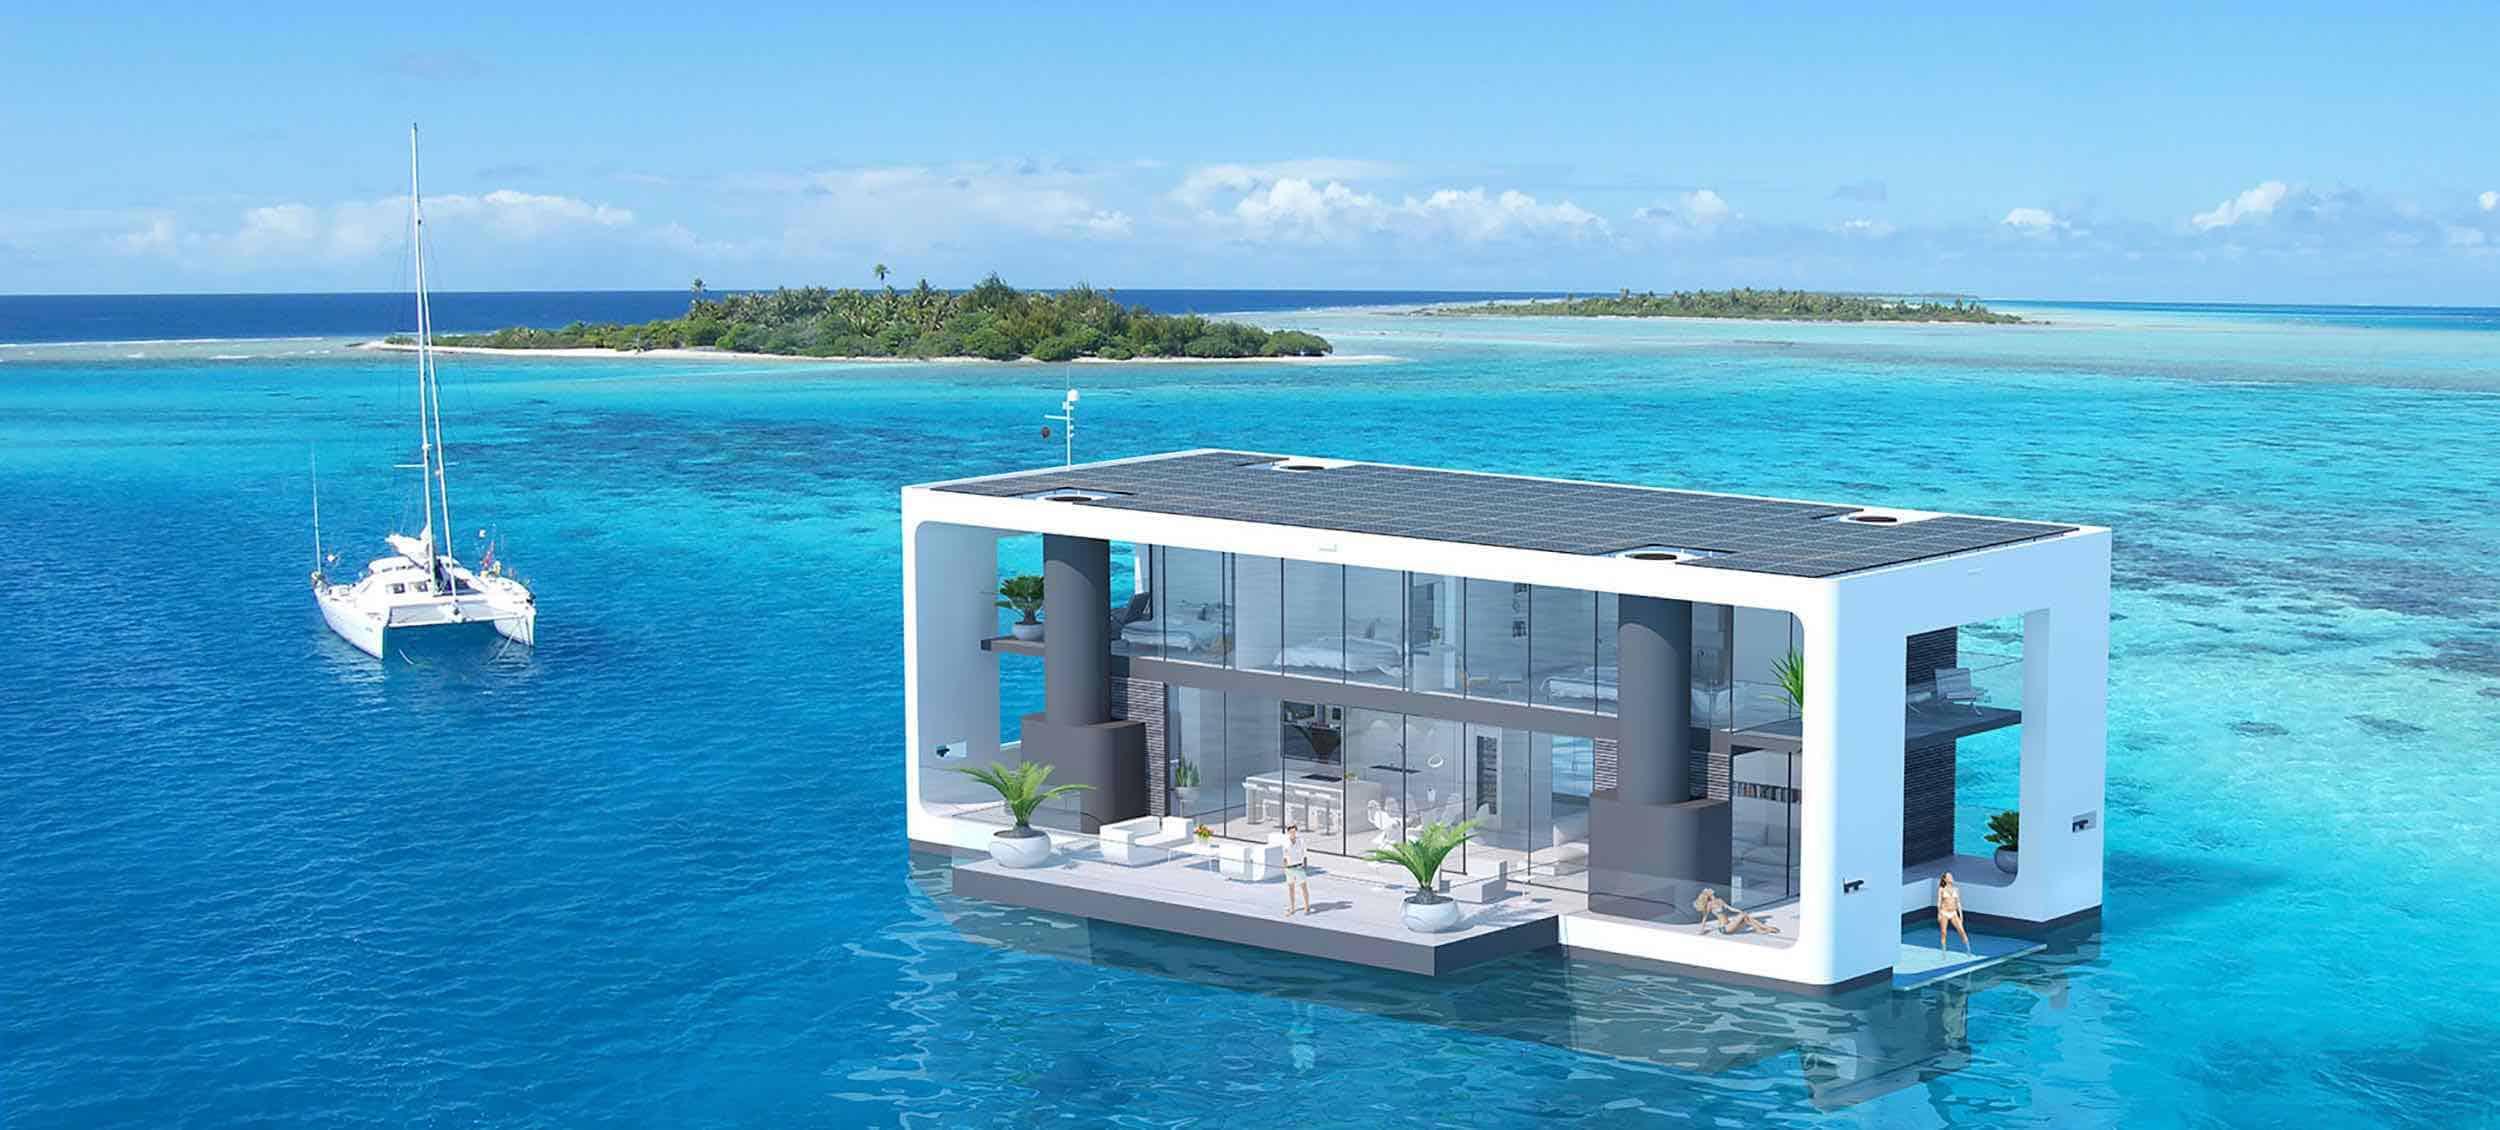 Arkup, estas lujosas residencias flotantes en Miami pueden resistir cualquier huracán